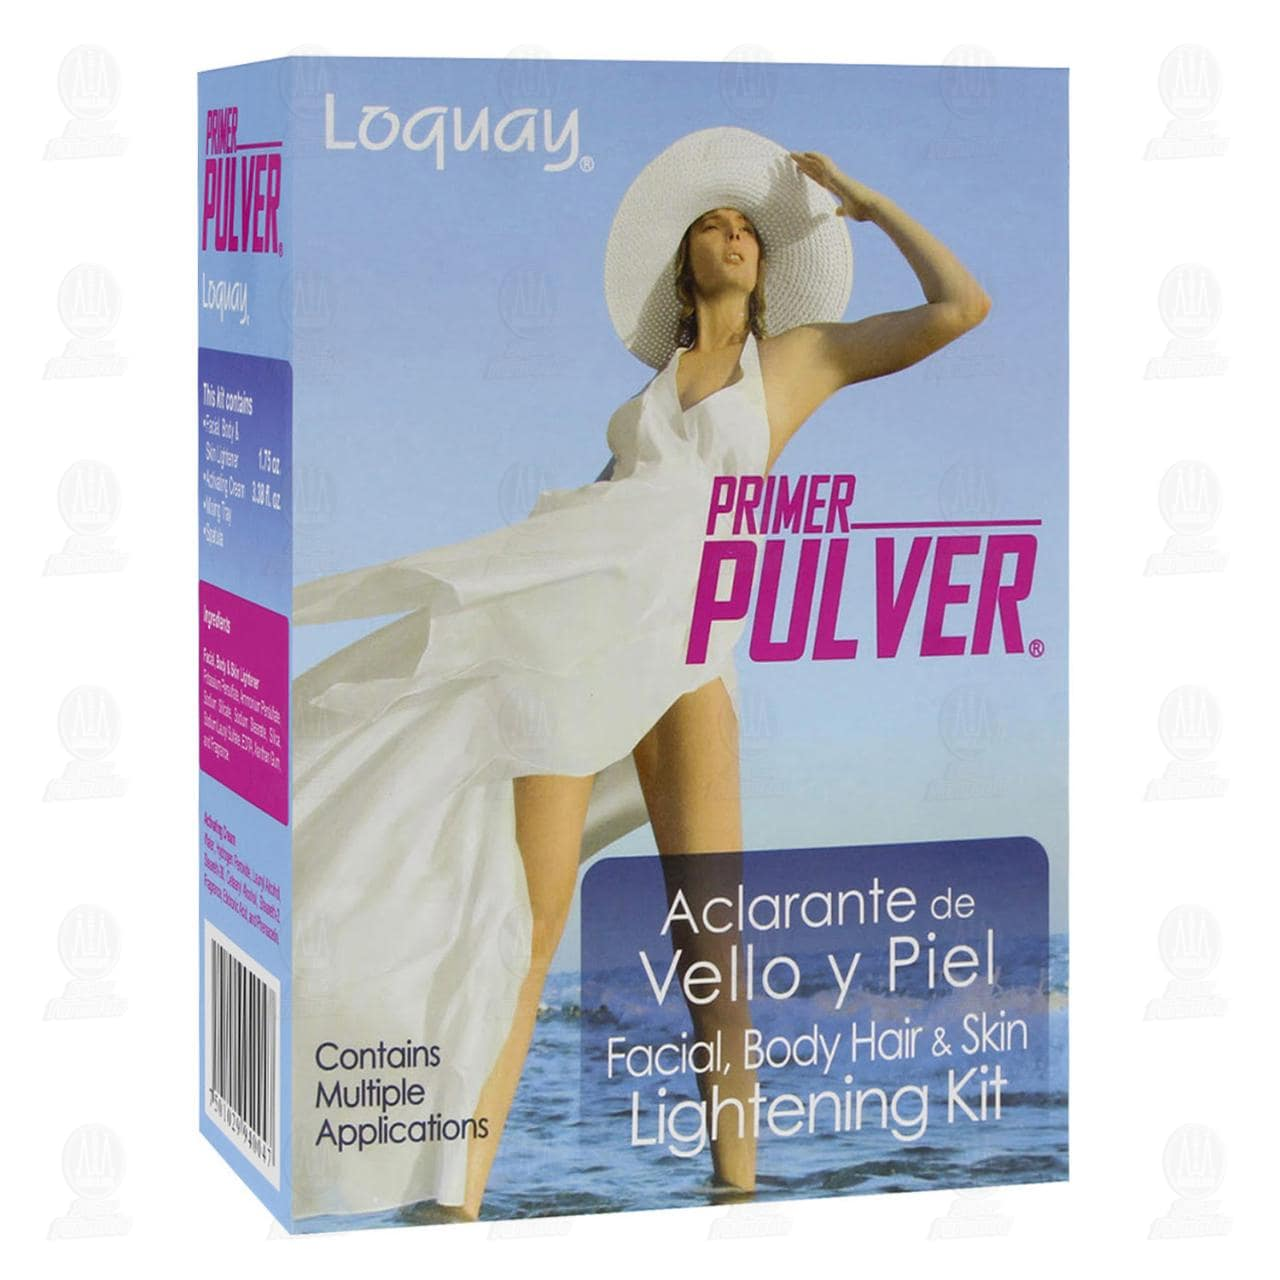 Comprar Aclarante Primer Pulver de Vello y Piel, 4 pzas. en Farmacias Guadalajara